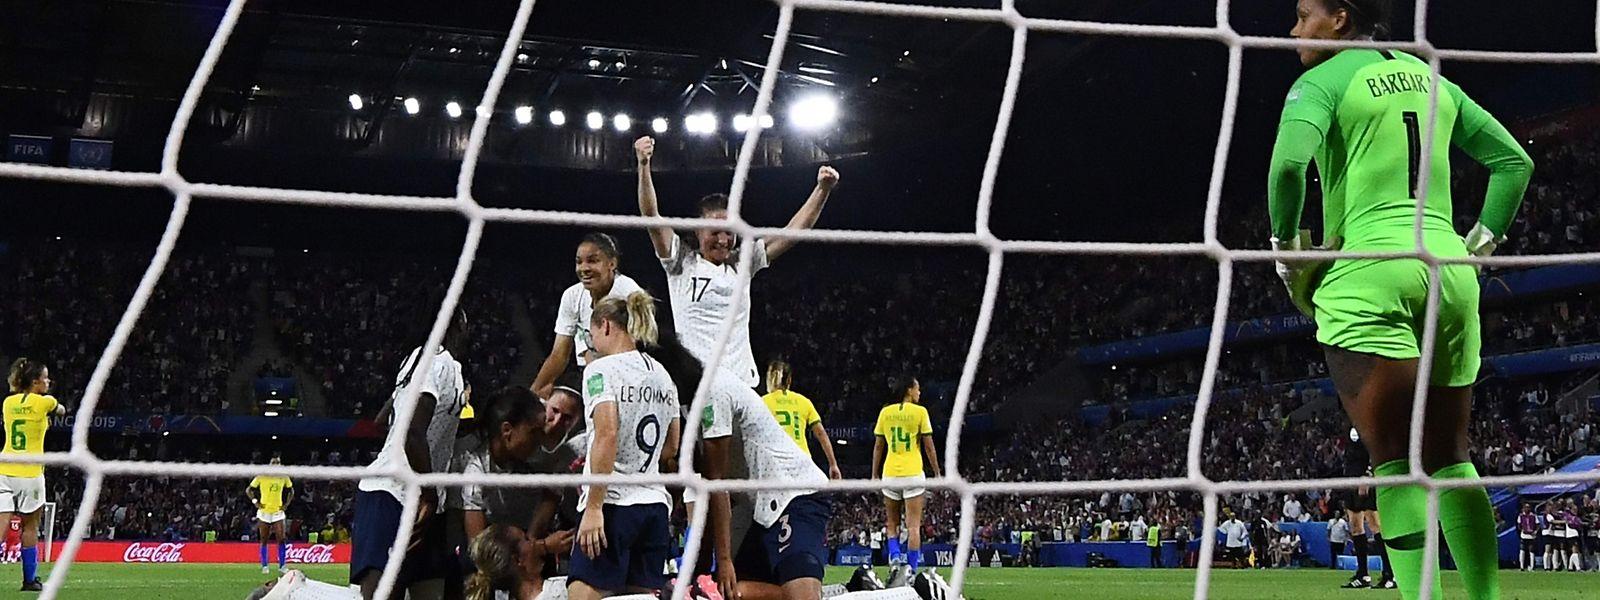 Das Stade Oceane in Le Havre steht kopf, als die Französinnen zum Sieg treffen.